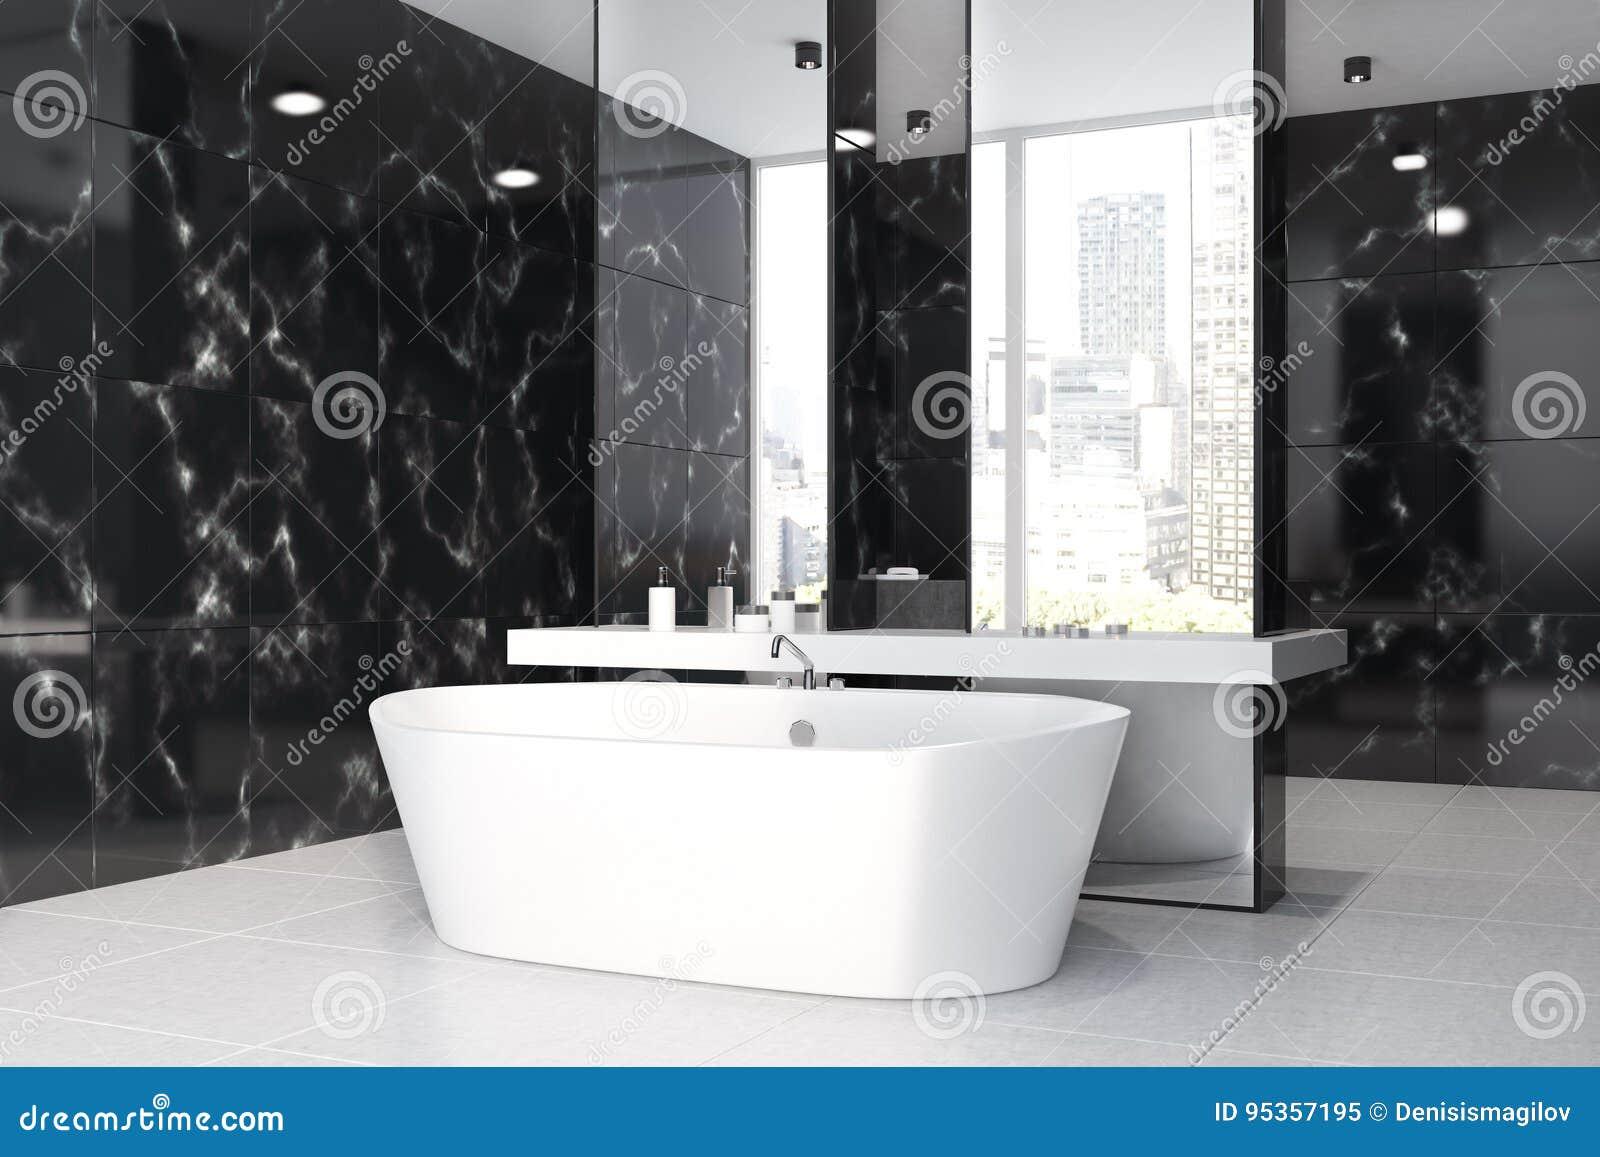 Bagno Di Marmo Nero Lavandino Vasca Lato Illustrazione Di Stock